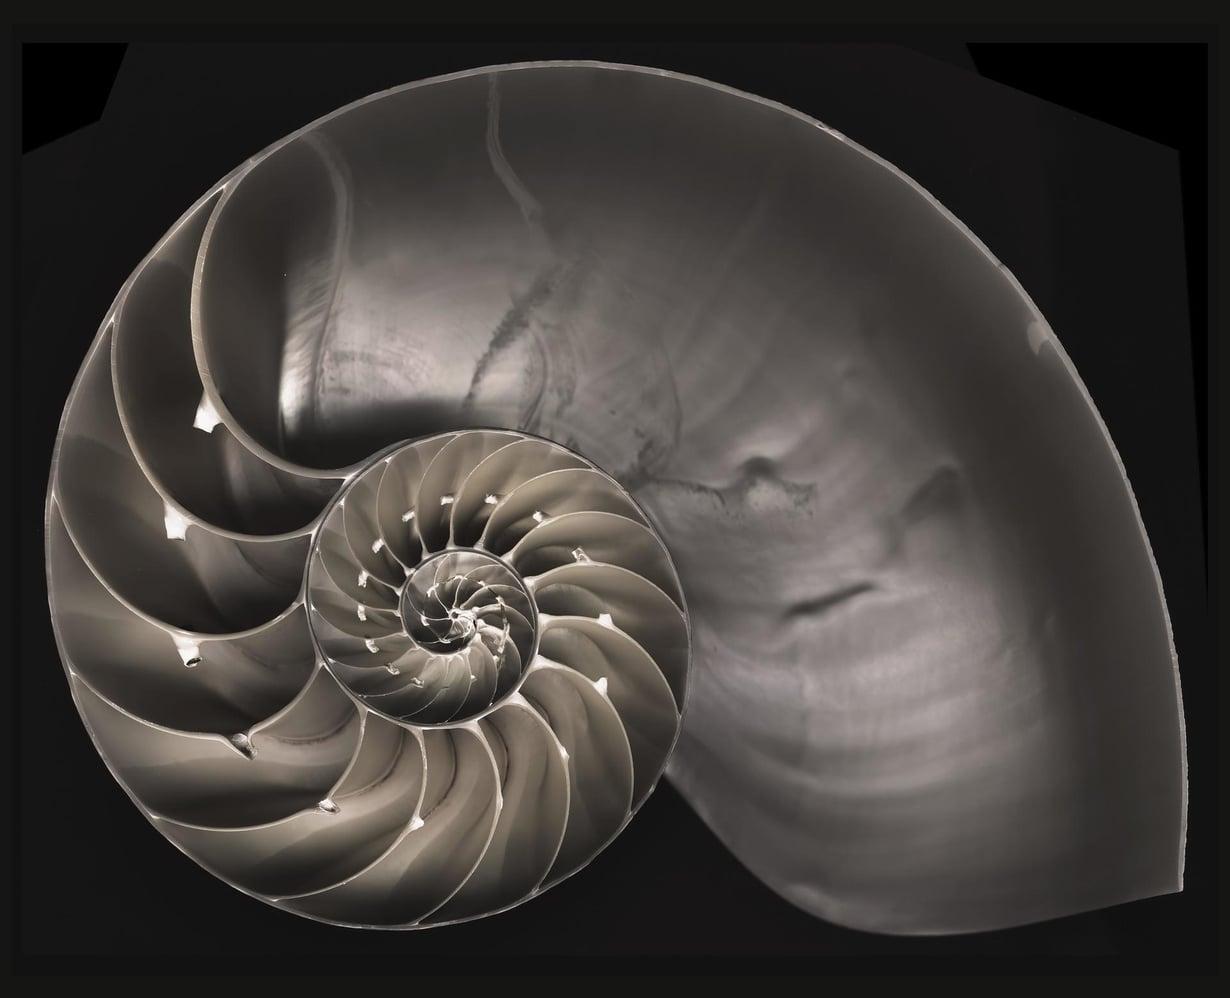 Matematiikka nousi kymppiin kirjainjonolla, joka noudattaa kotilon rakennetta. Kuva: F. Martinez Clavel /SPL/MVPhotos